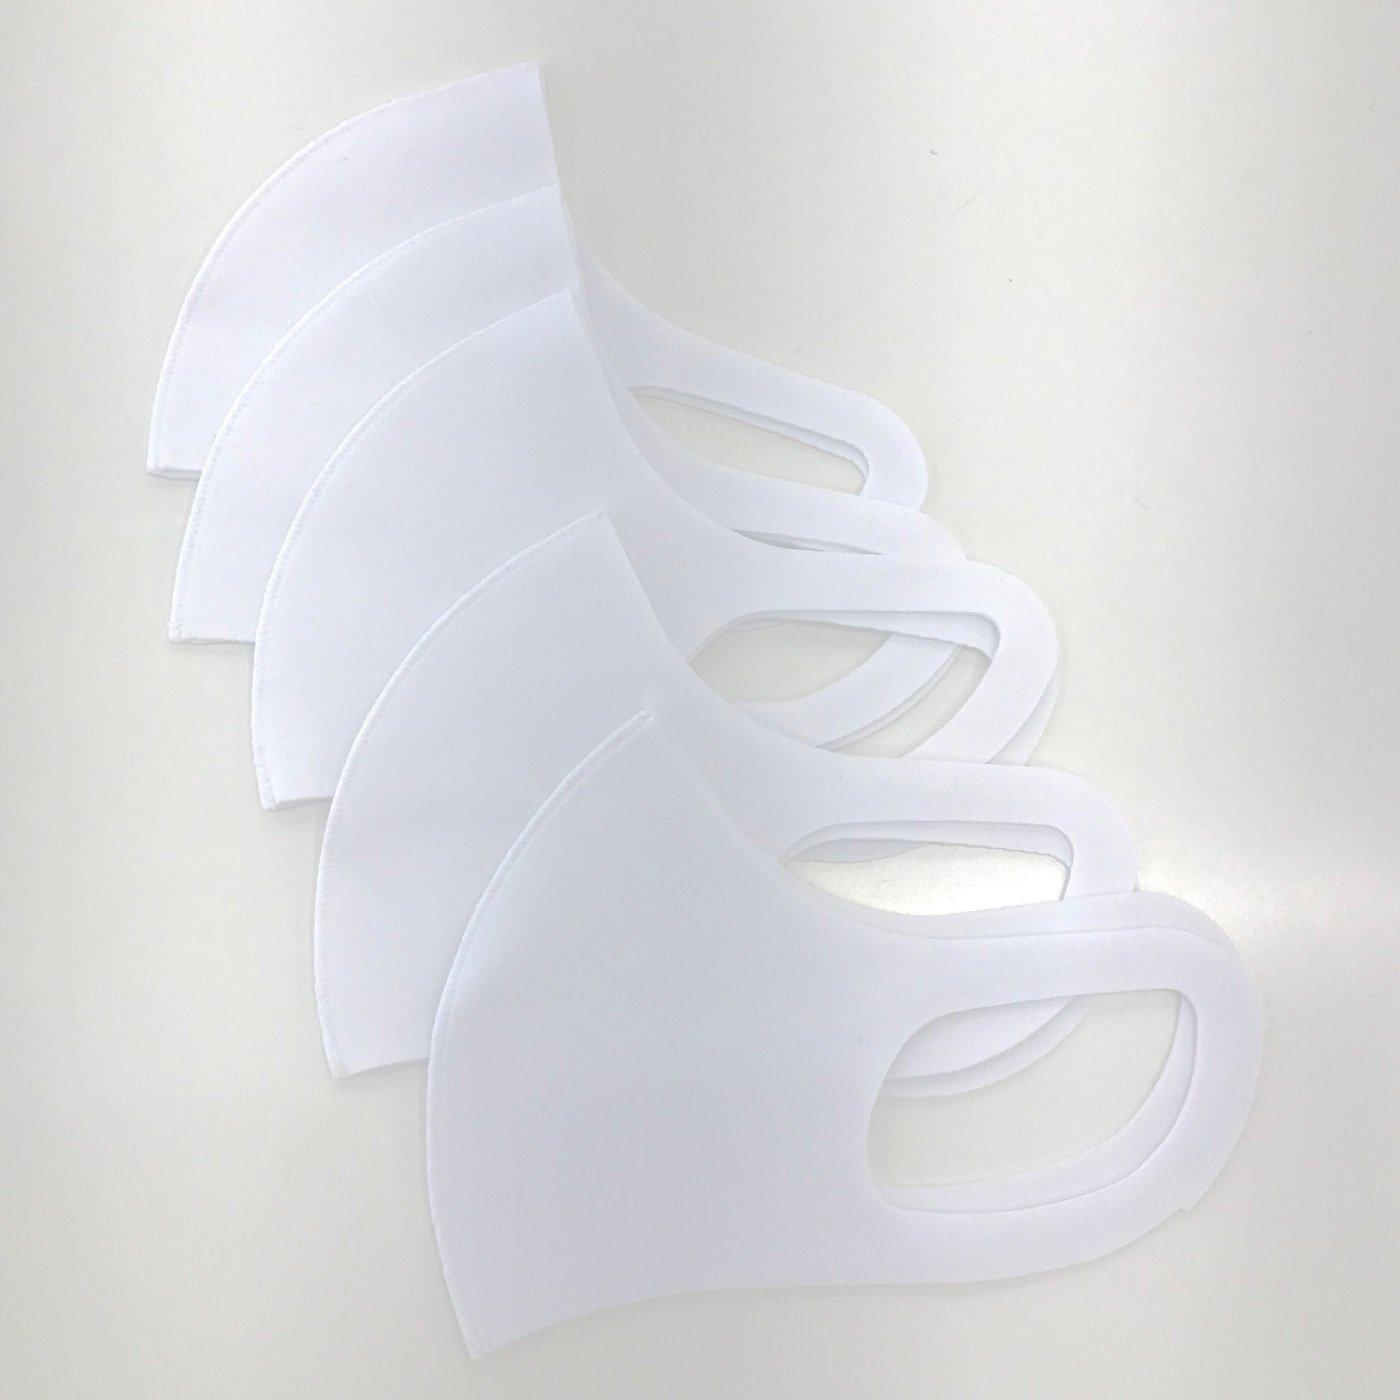 洗える!立体マスク(5枚入り)〈ホワイト〉の会